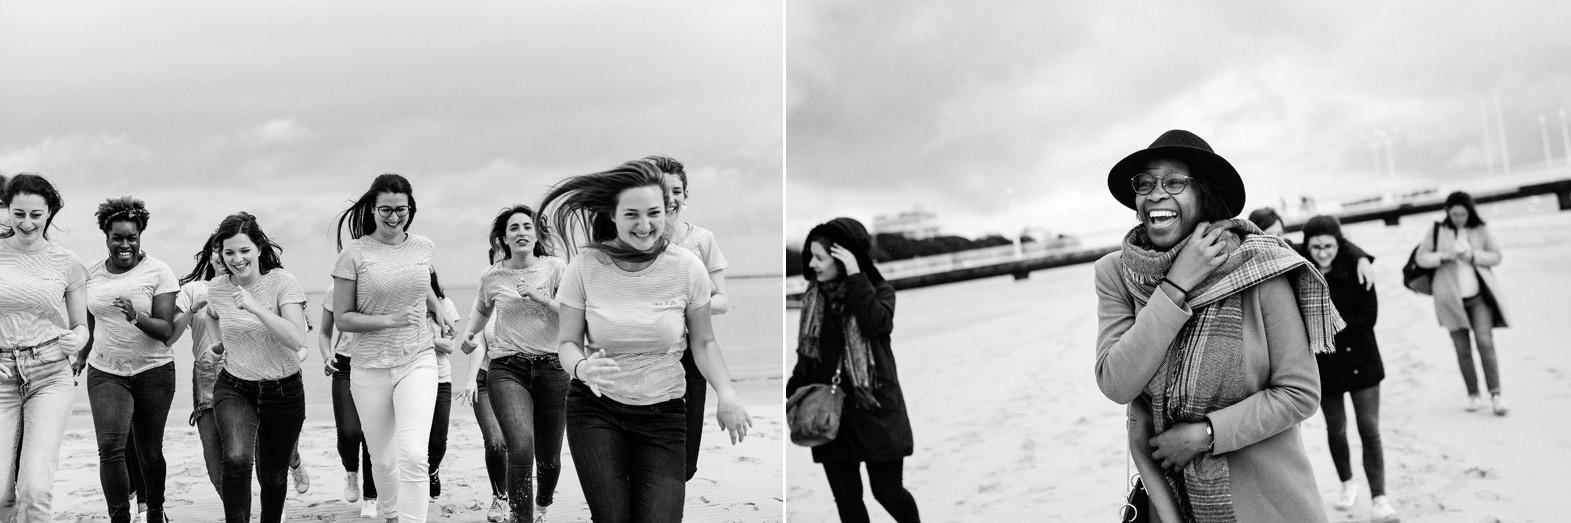 un groupe de femmes court sur une plage